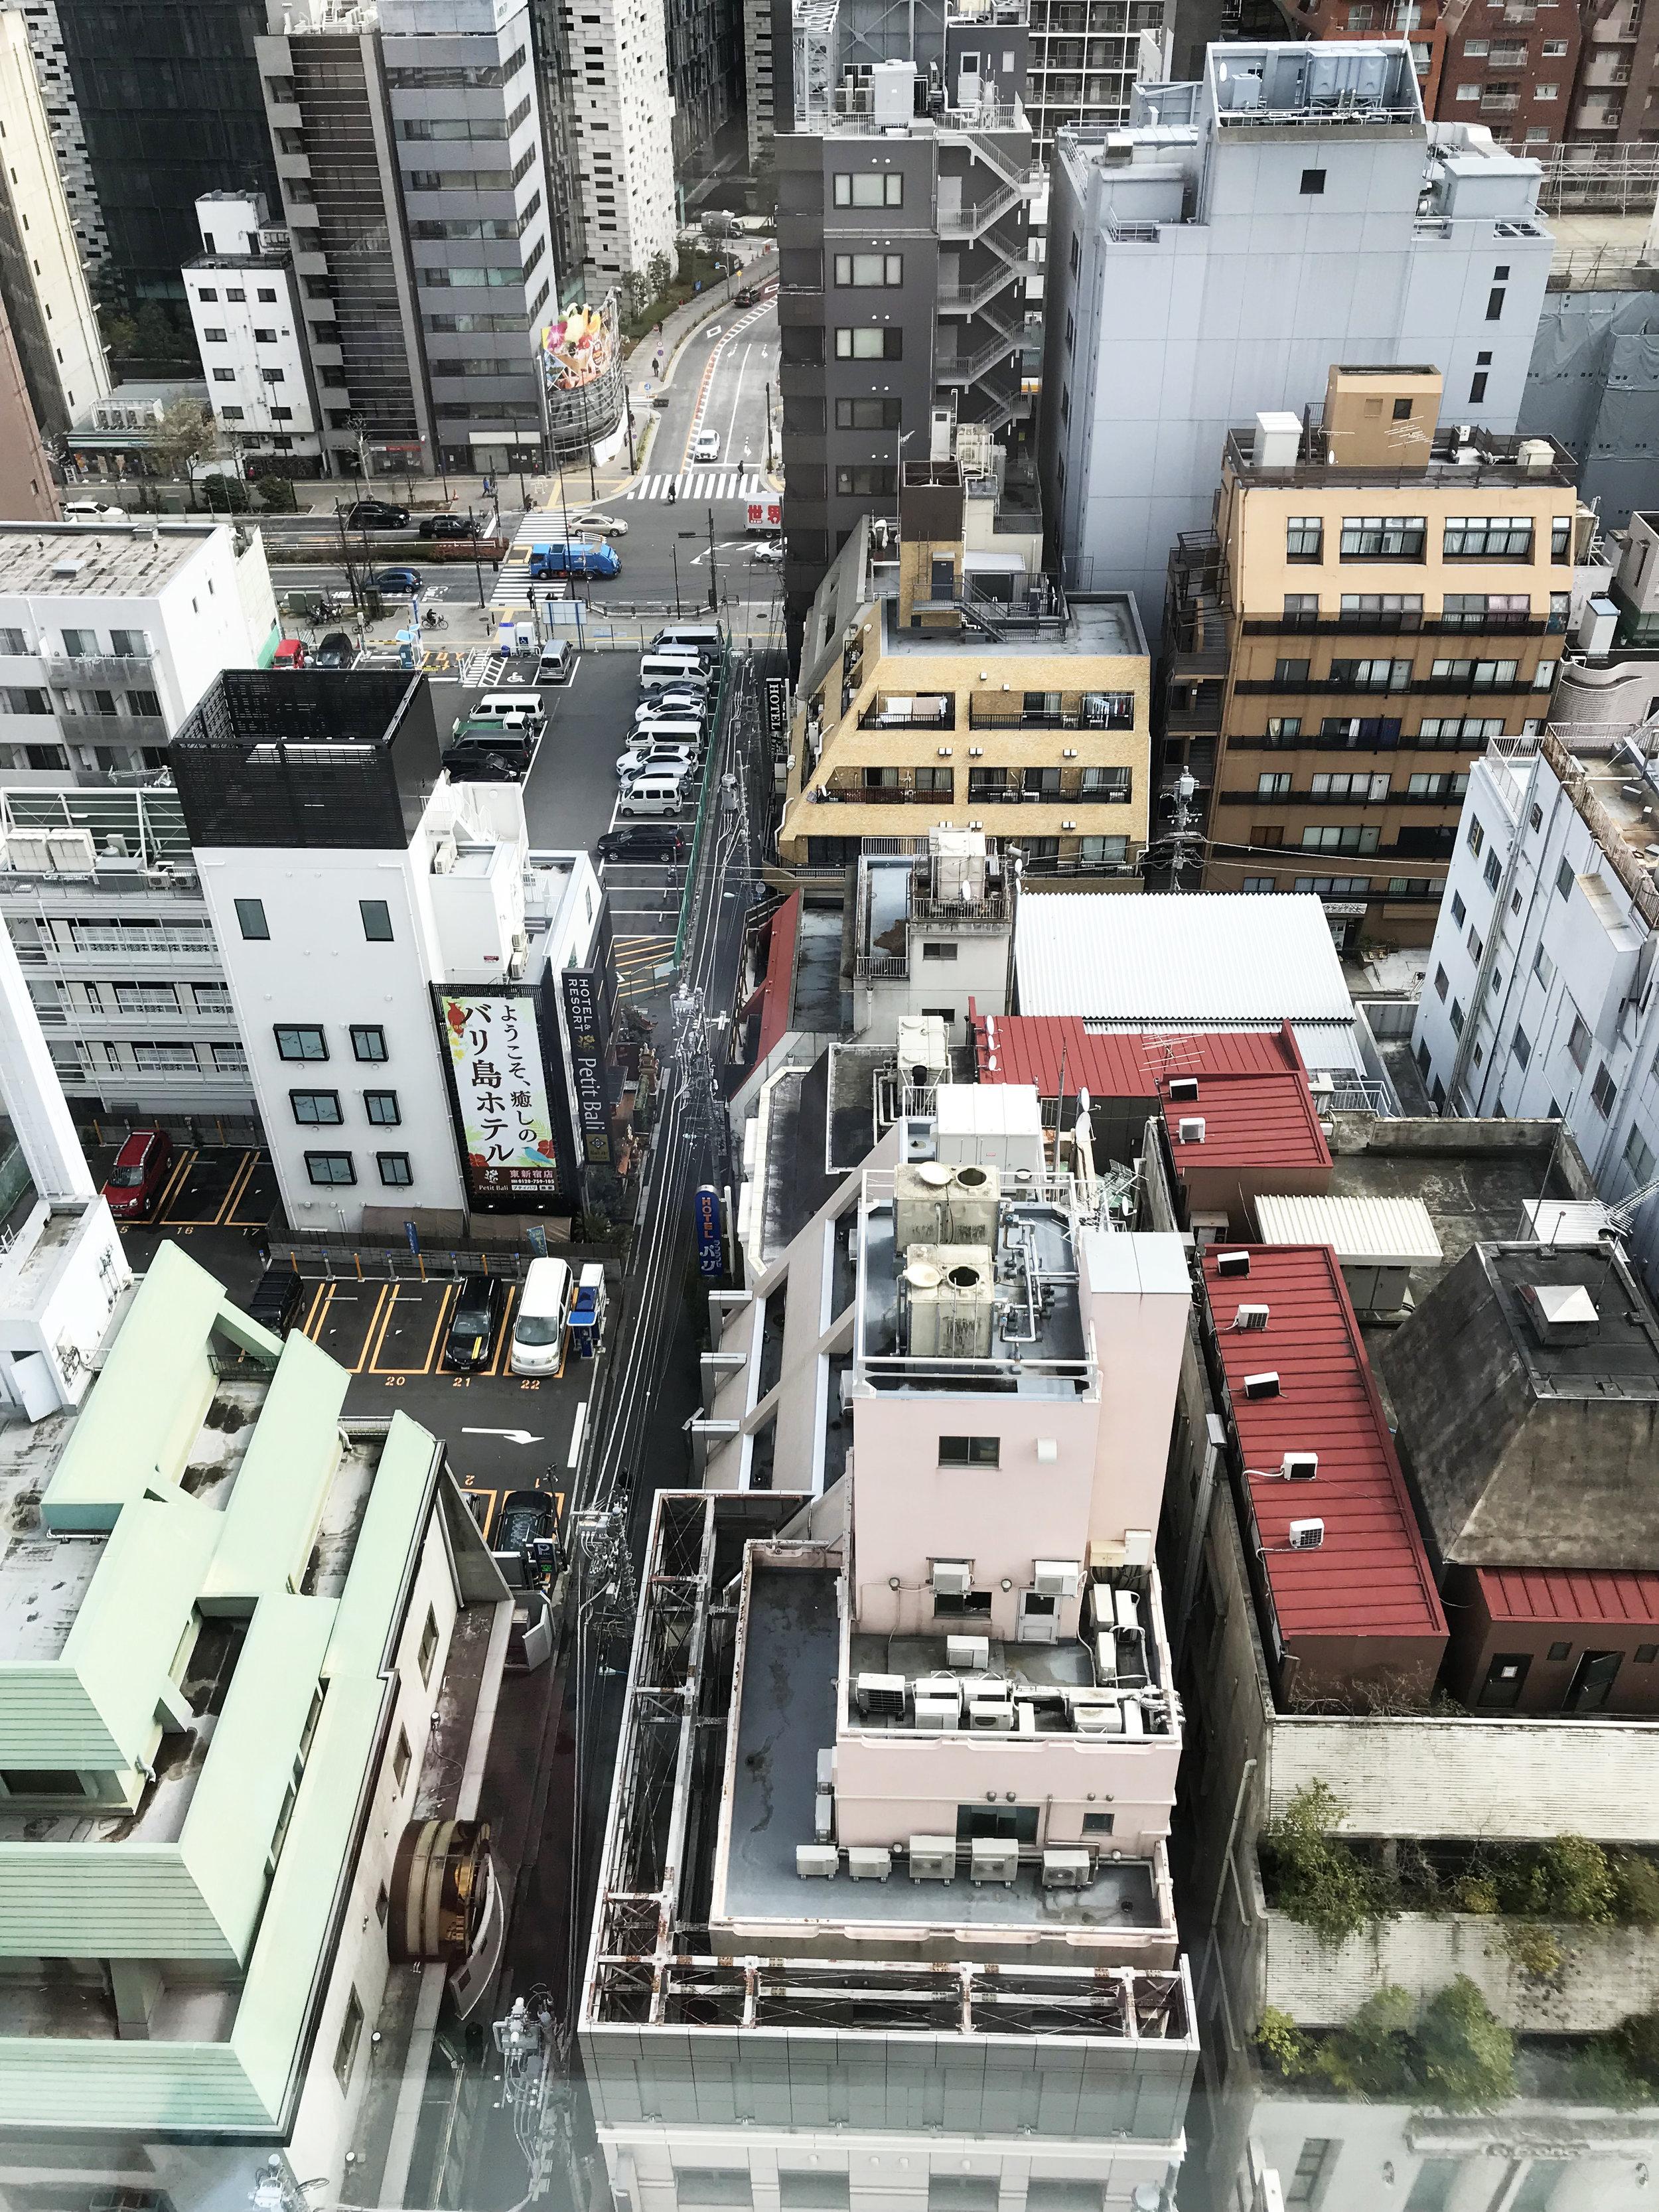 shinjuku_tokyo.jpg